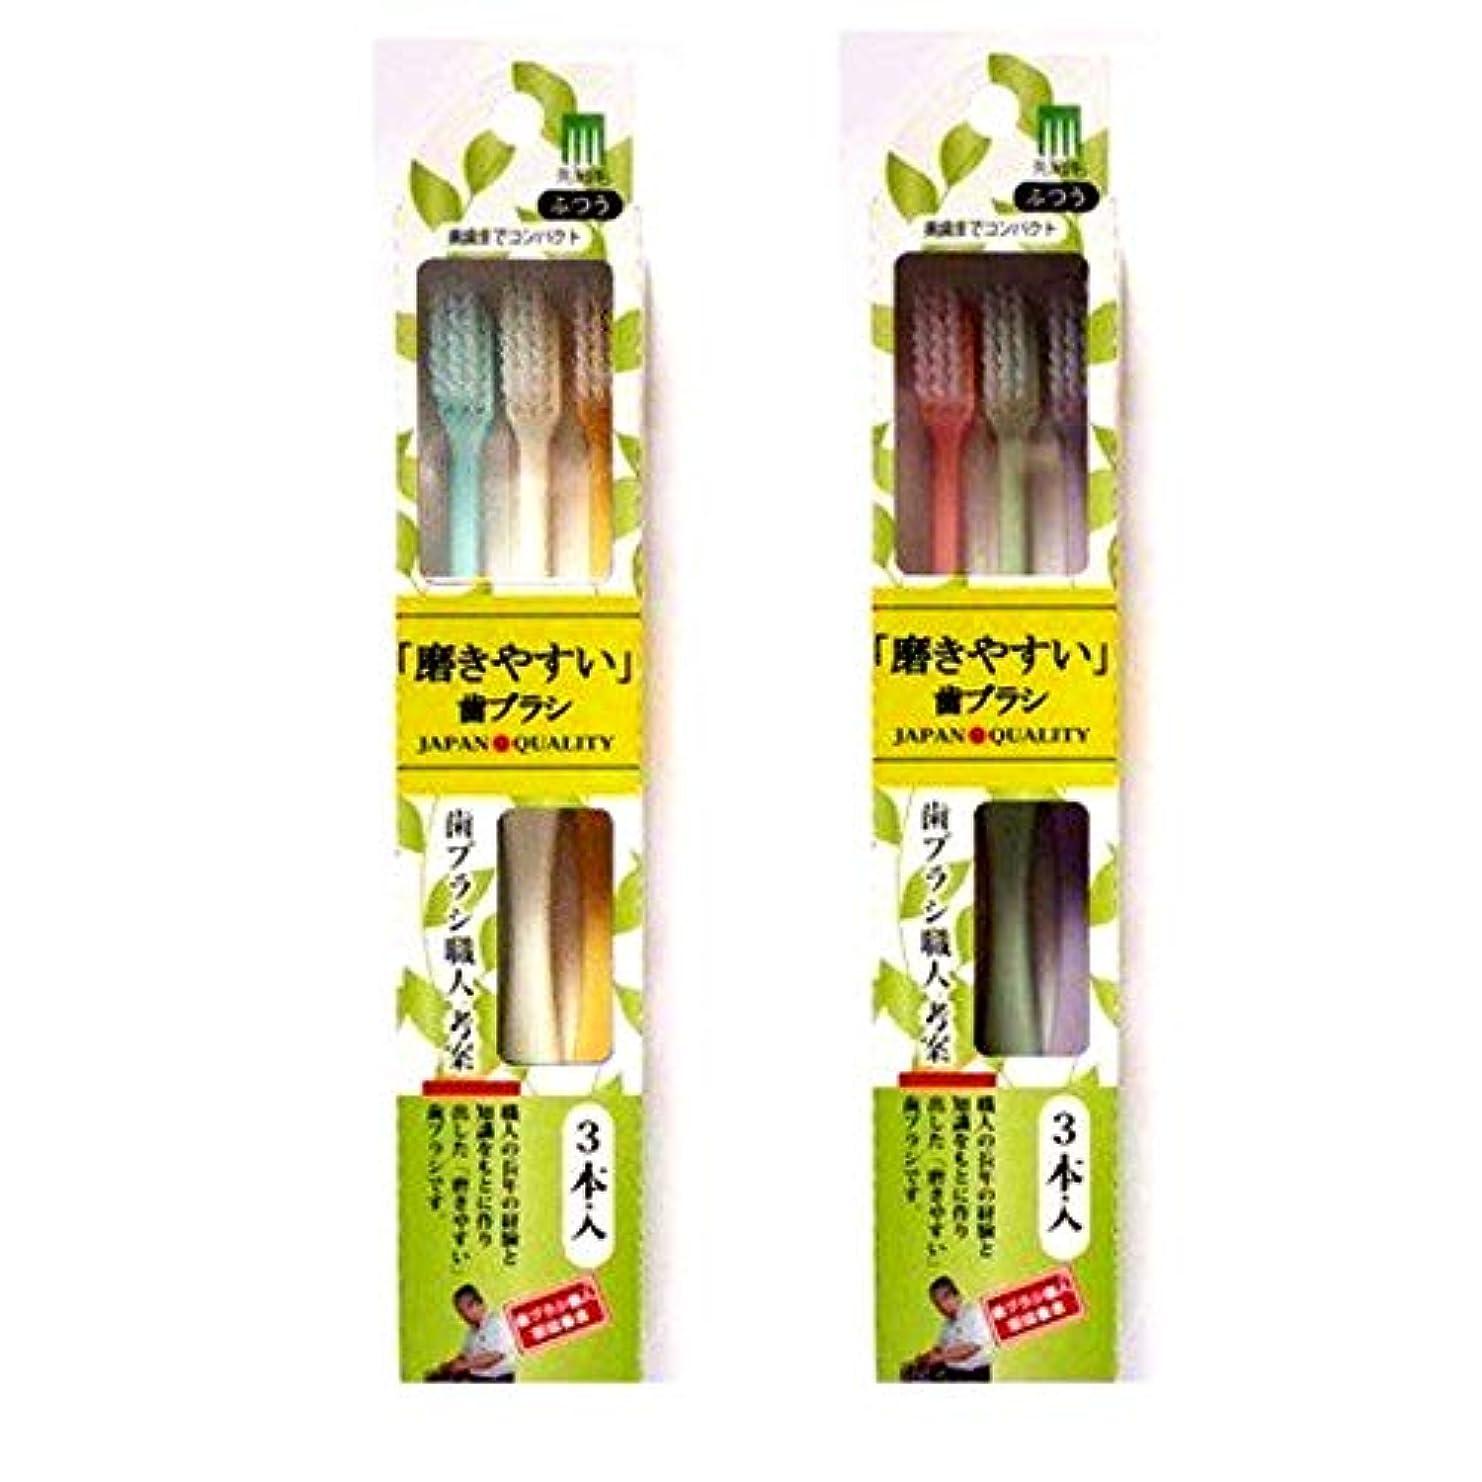 ライバルよろめく付与磨きやすい歯ブラシ (先細毛) 奥までコンパクト3本組 ELT-1 (色選択不可)